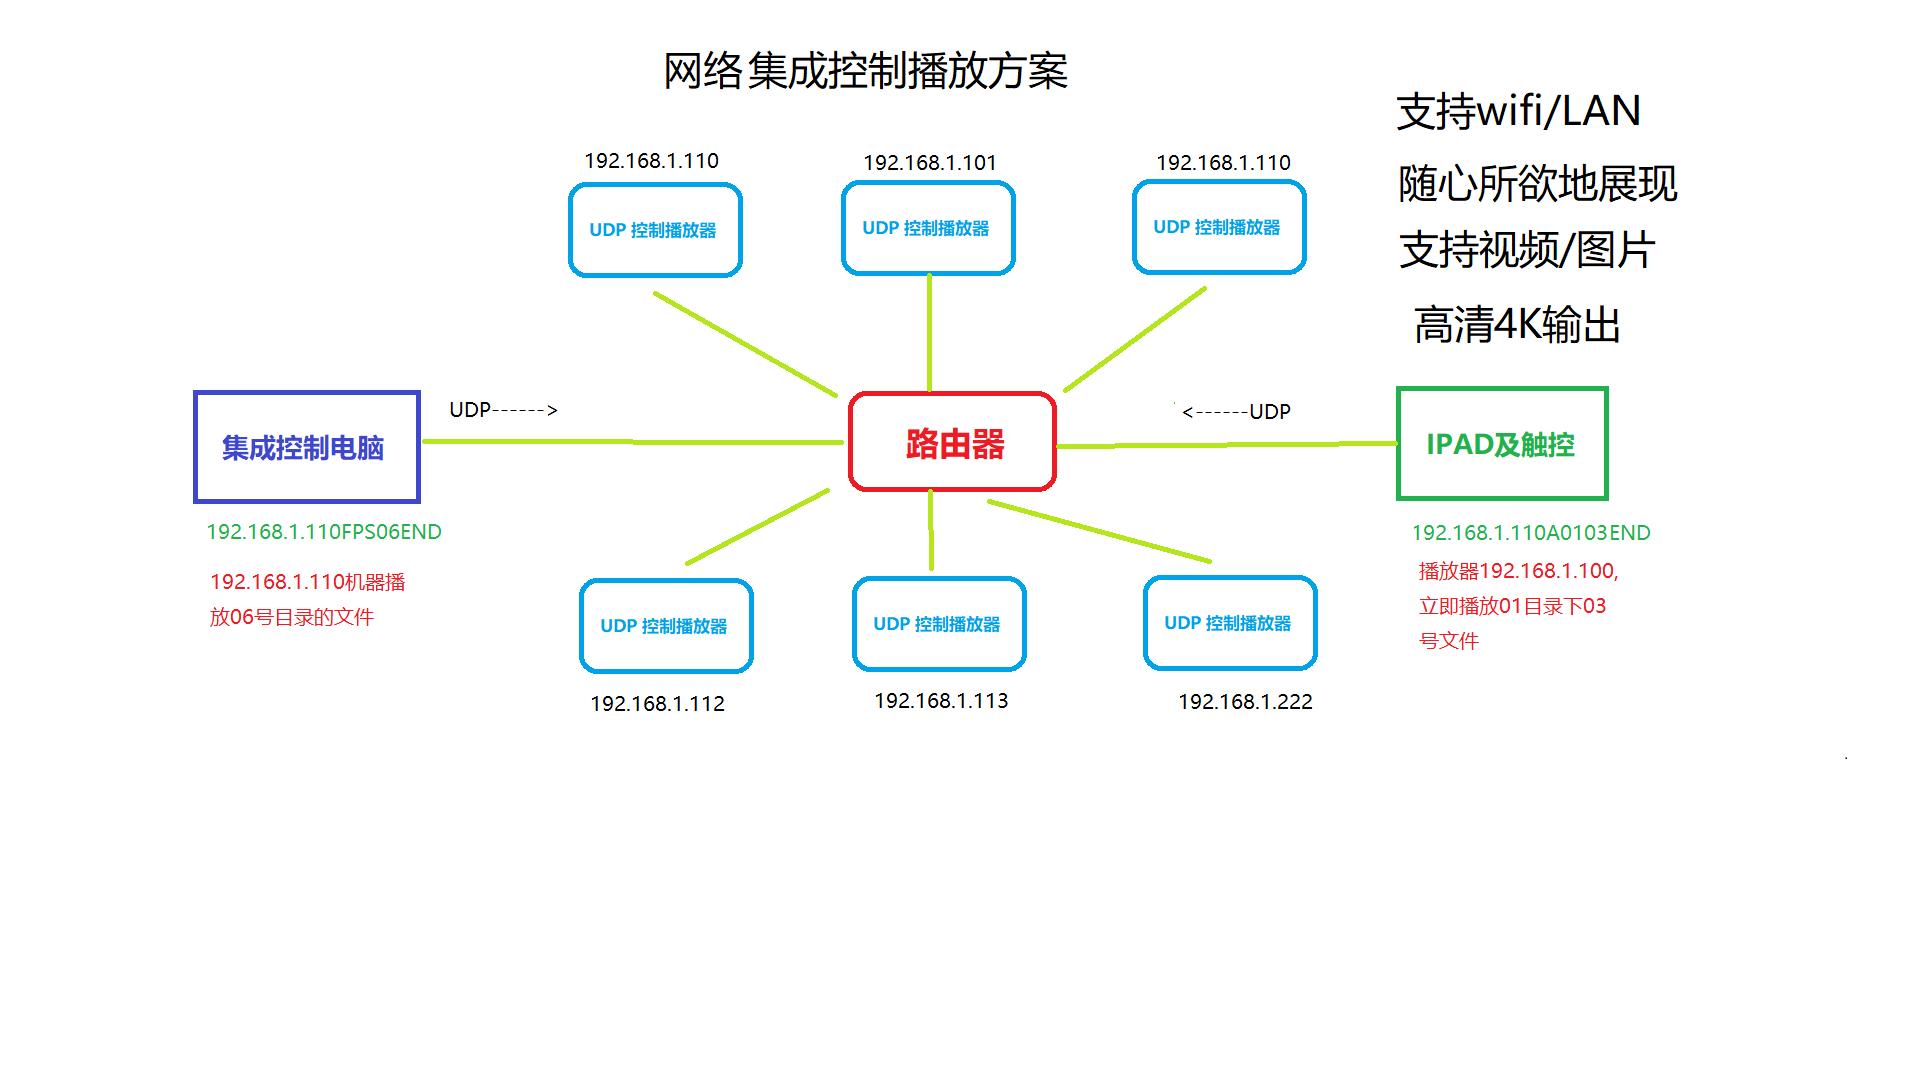 RS232控制文件视频4K播放器 ,UDP协议控制文件4K播